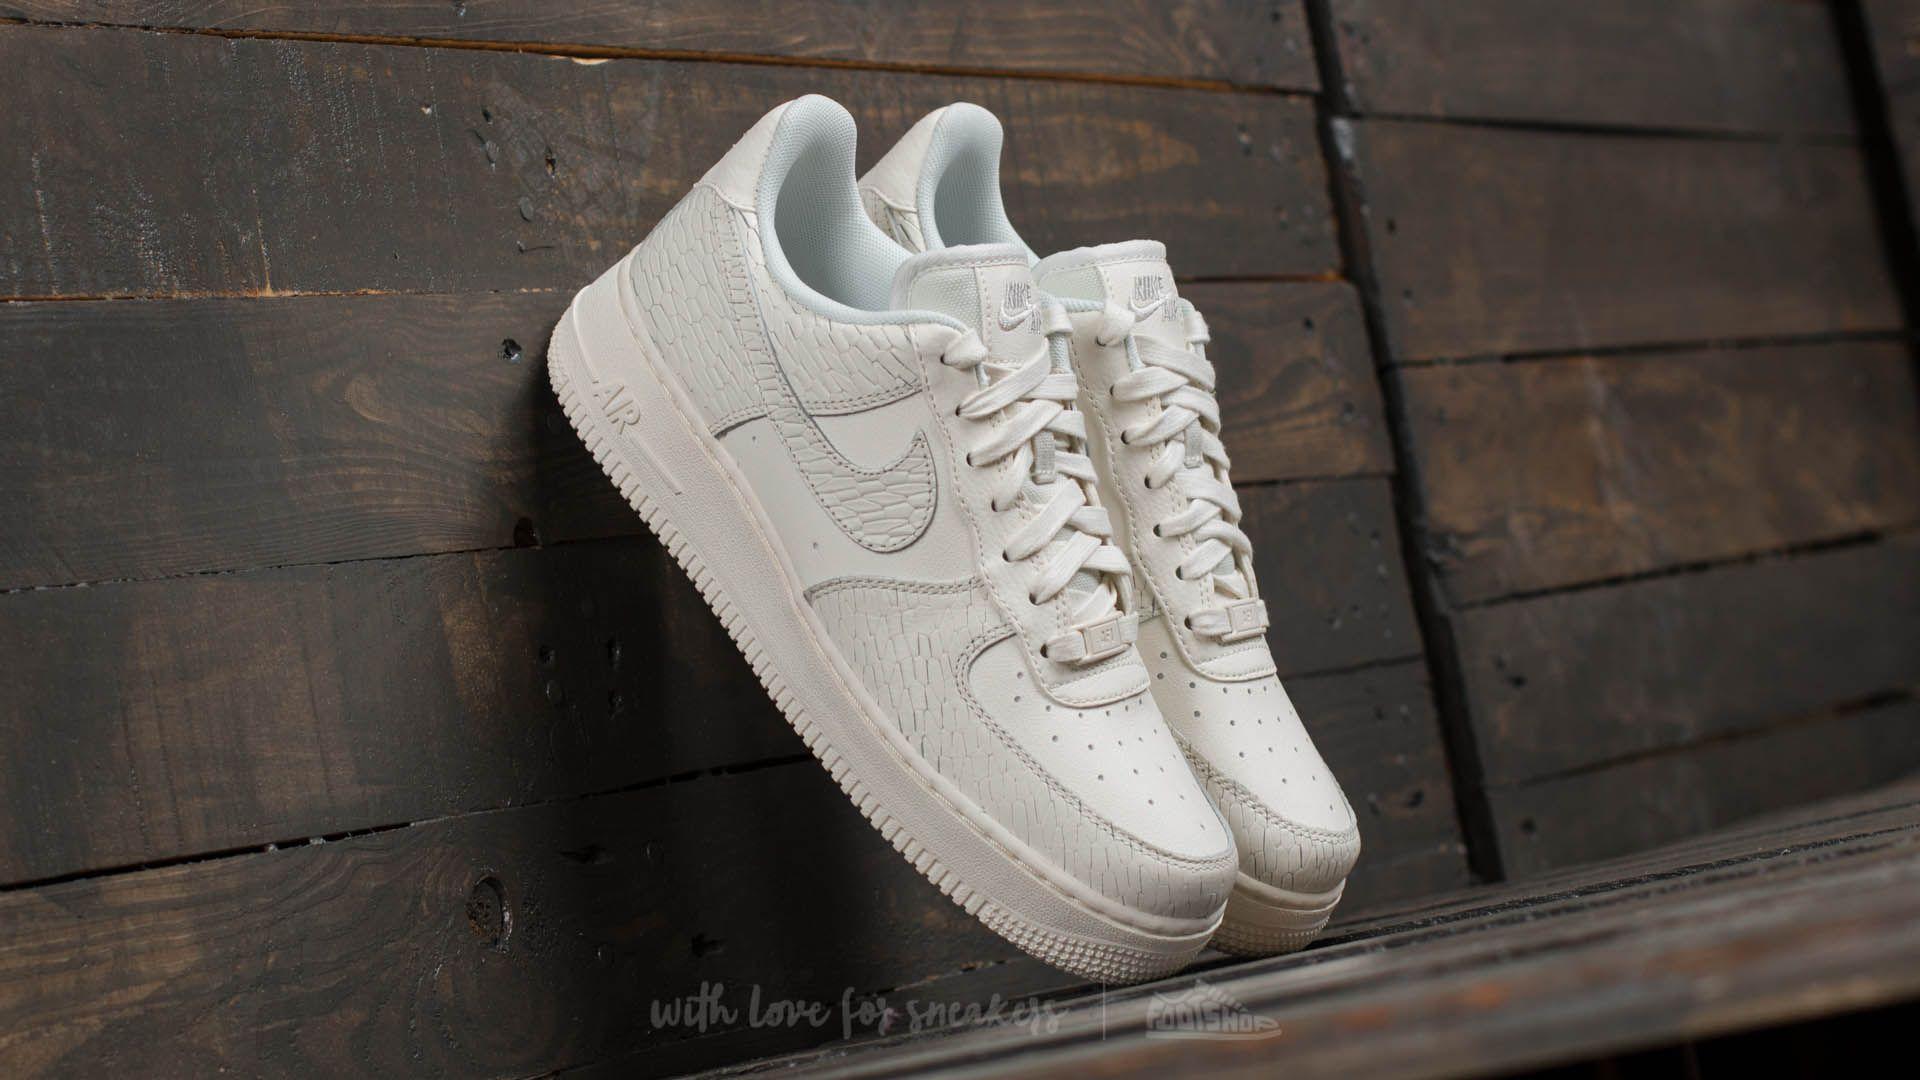 timeless design 53ecc 7544d Nike Wmns Air Force 1 ´07 Premium